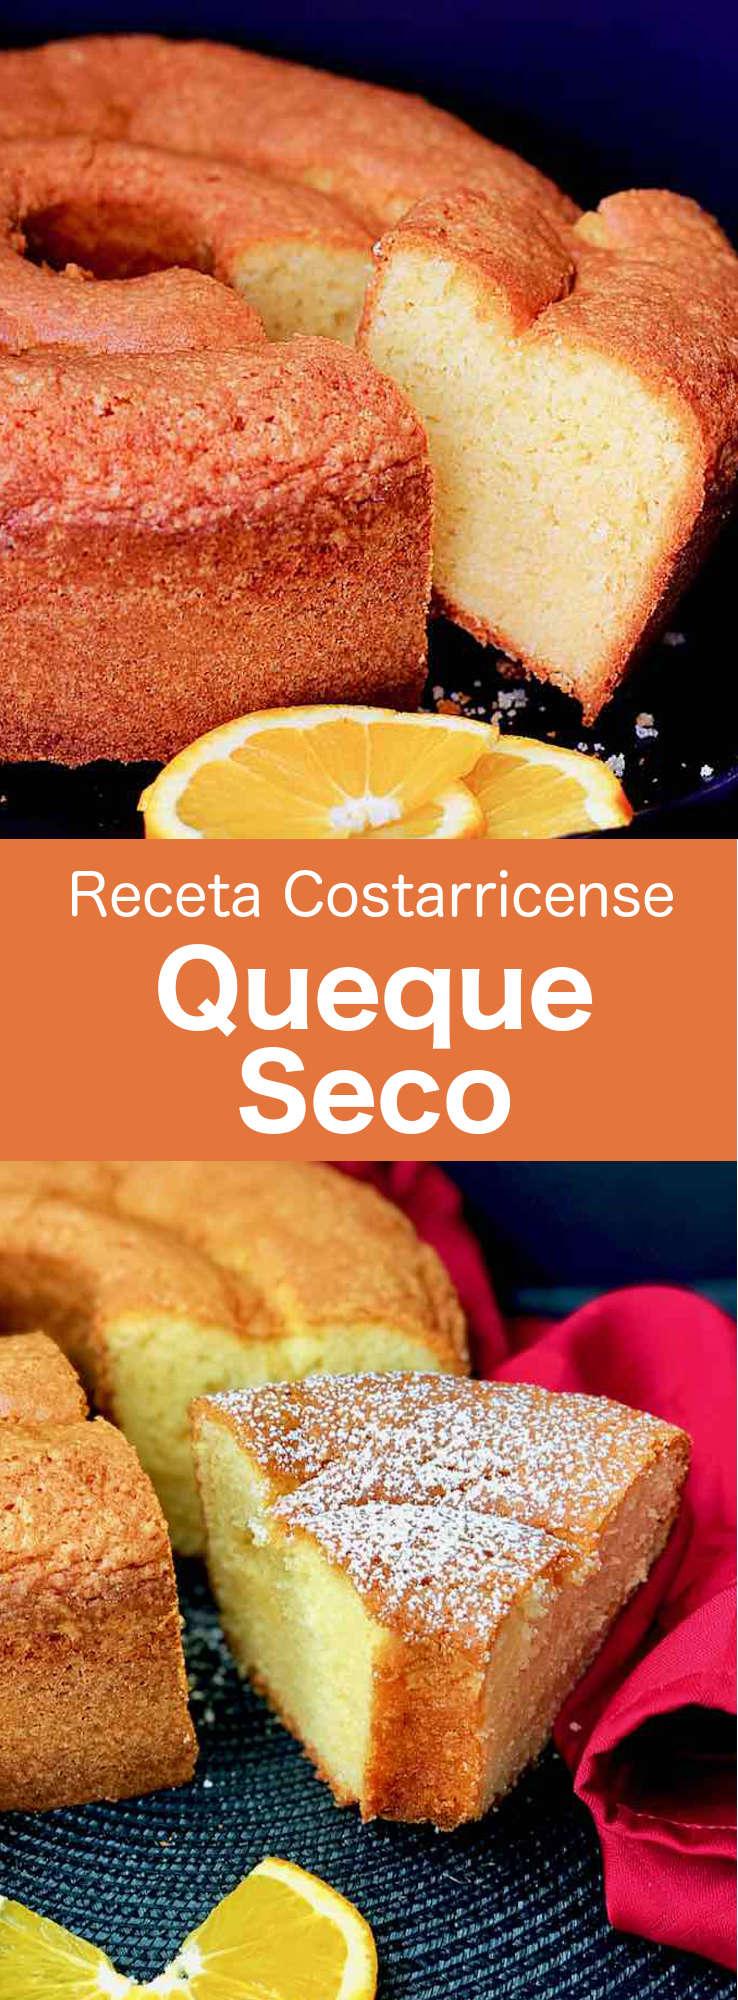 El queque seco es un bizcocho con sabor a naranja que es popular en Costa Rica y en muchos países de América Latina.